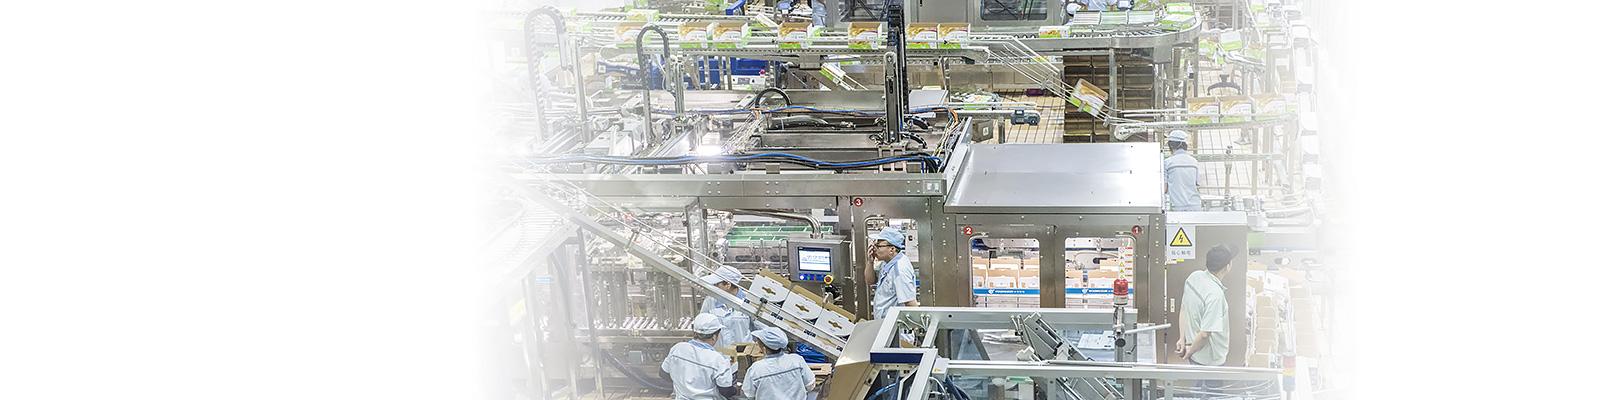 中国 工場 スタッフ イメージ